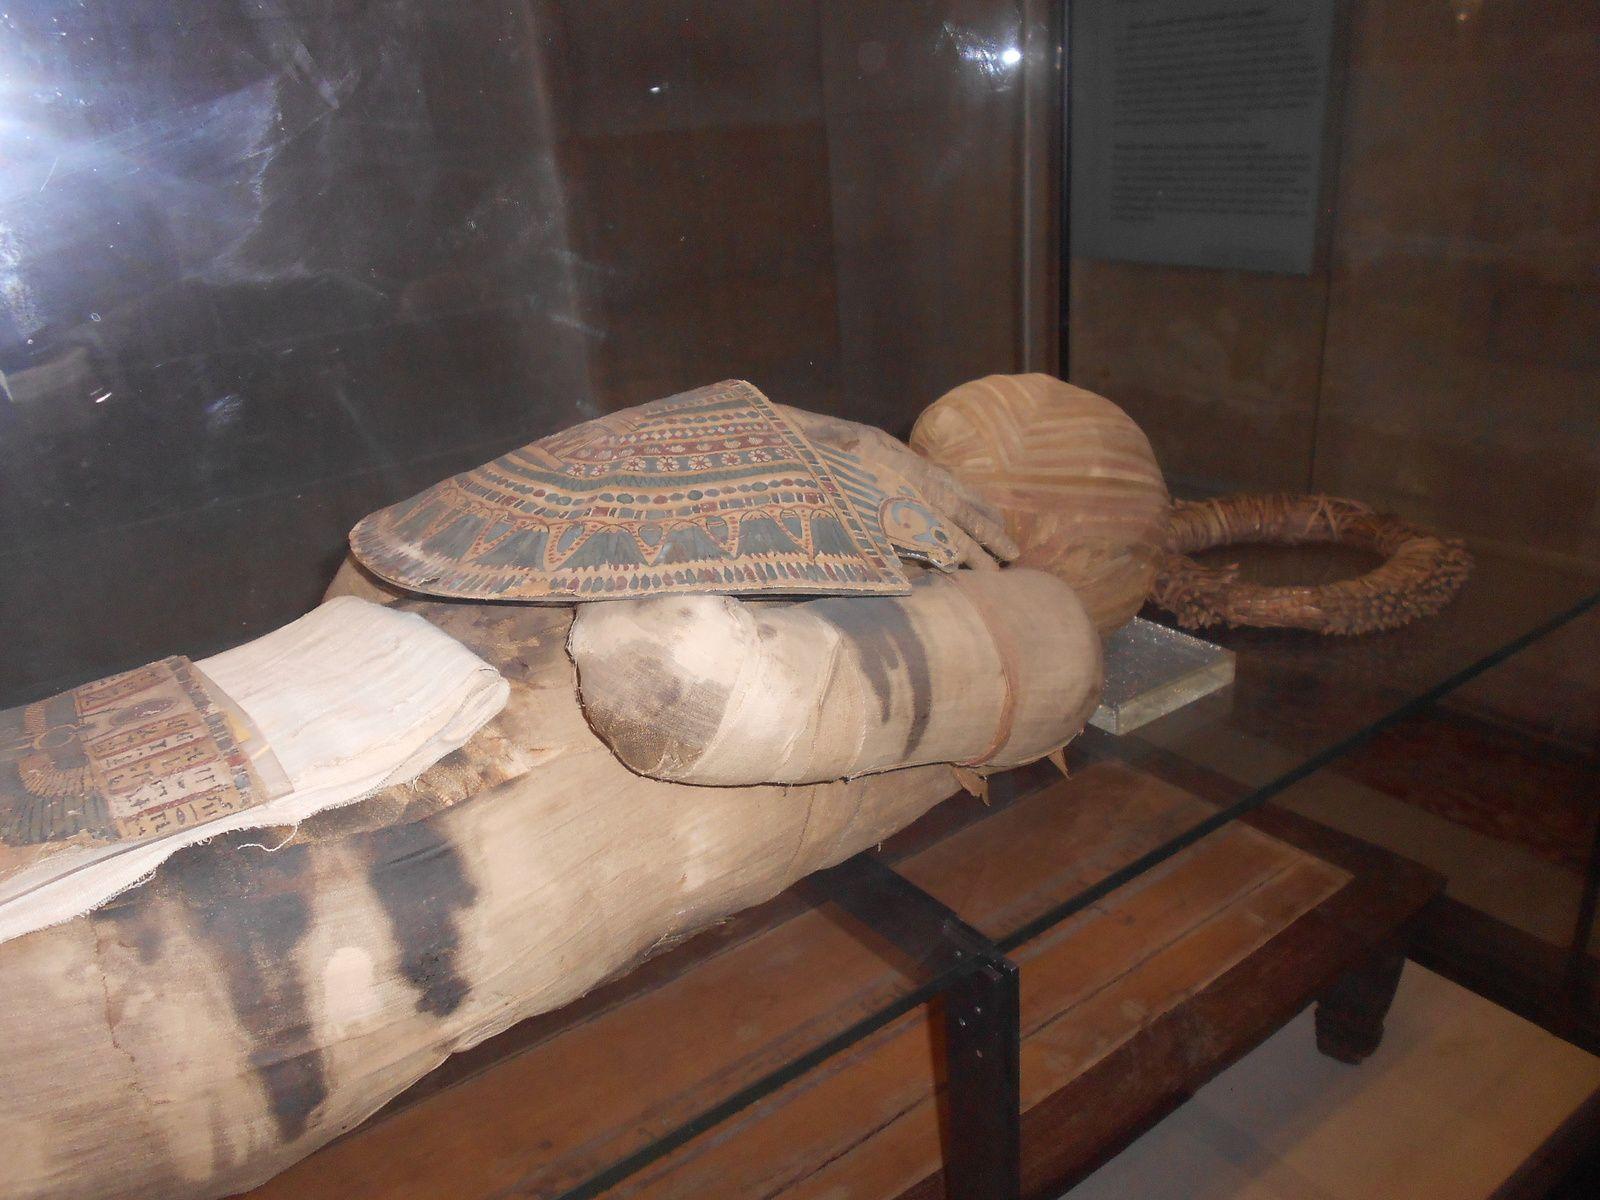 la momie d'un grand prêtre égyptien